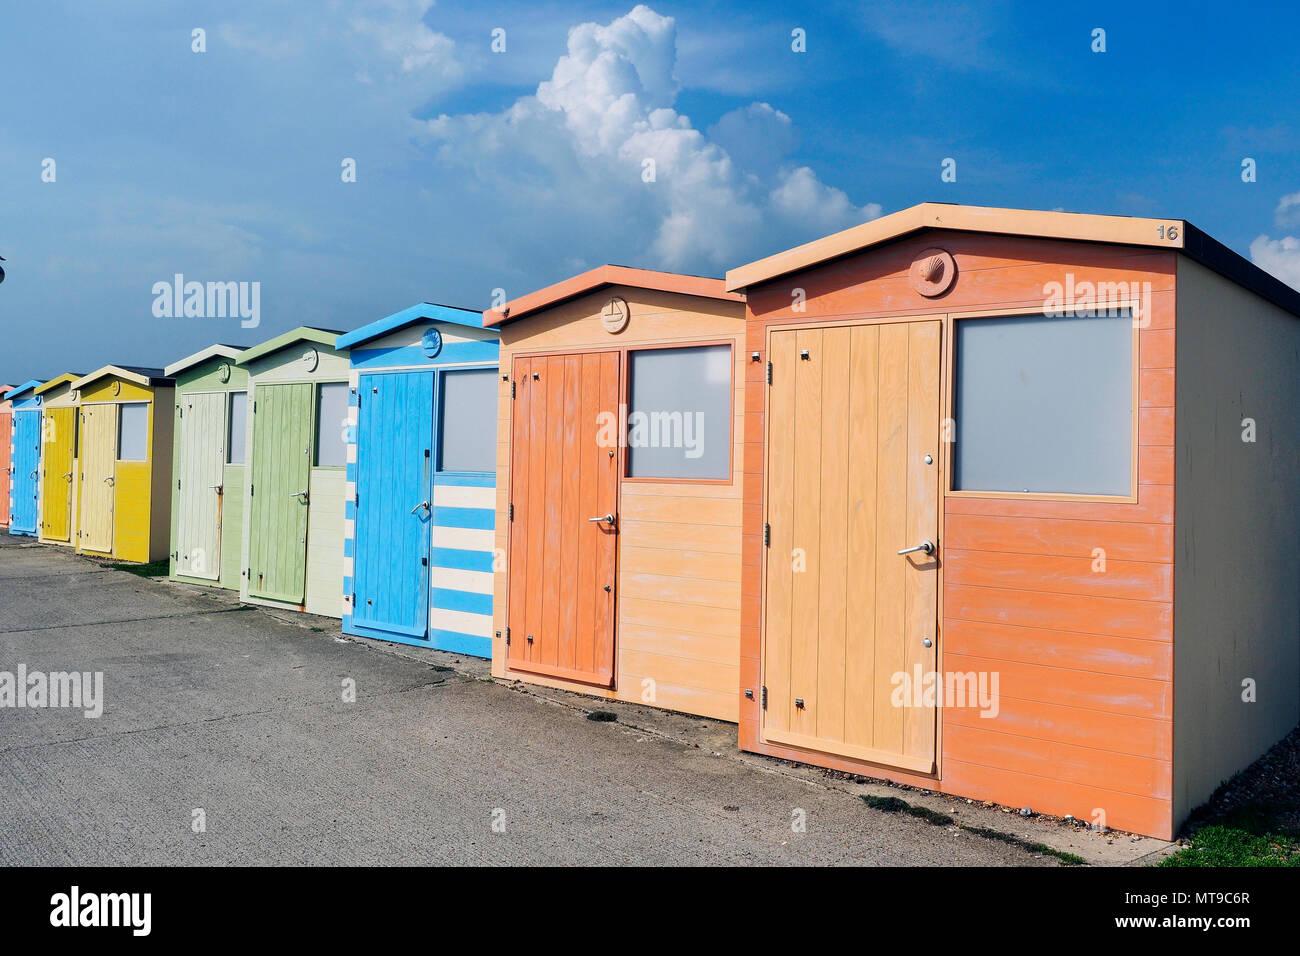 Beach huts on Seaford promenade - Stock Image